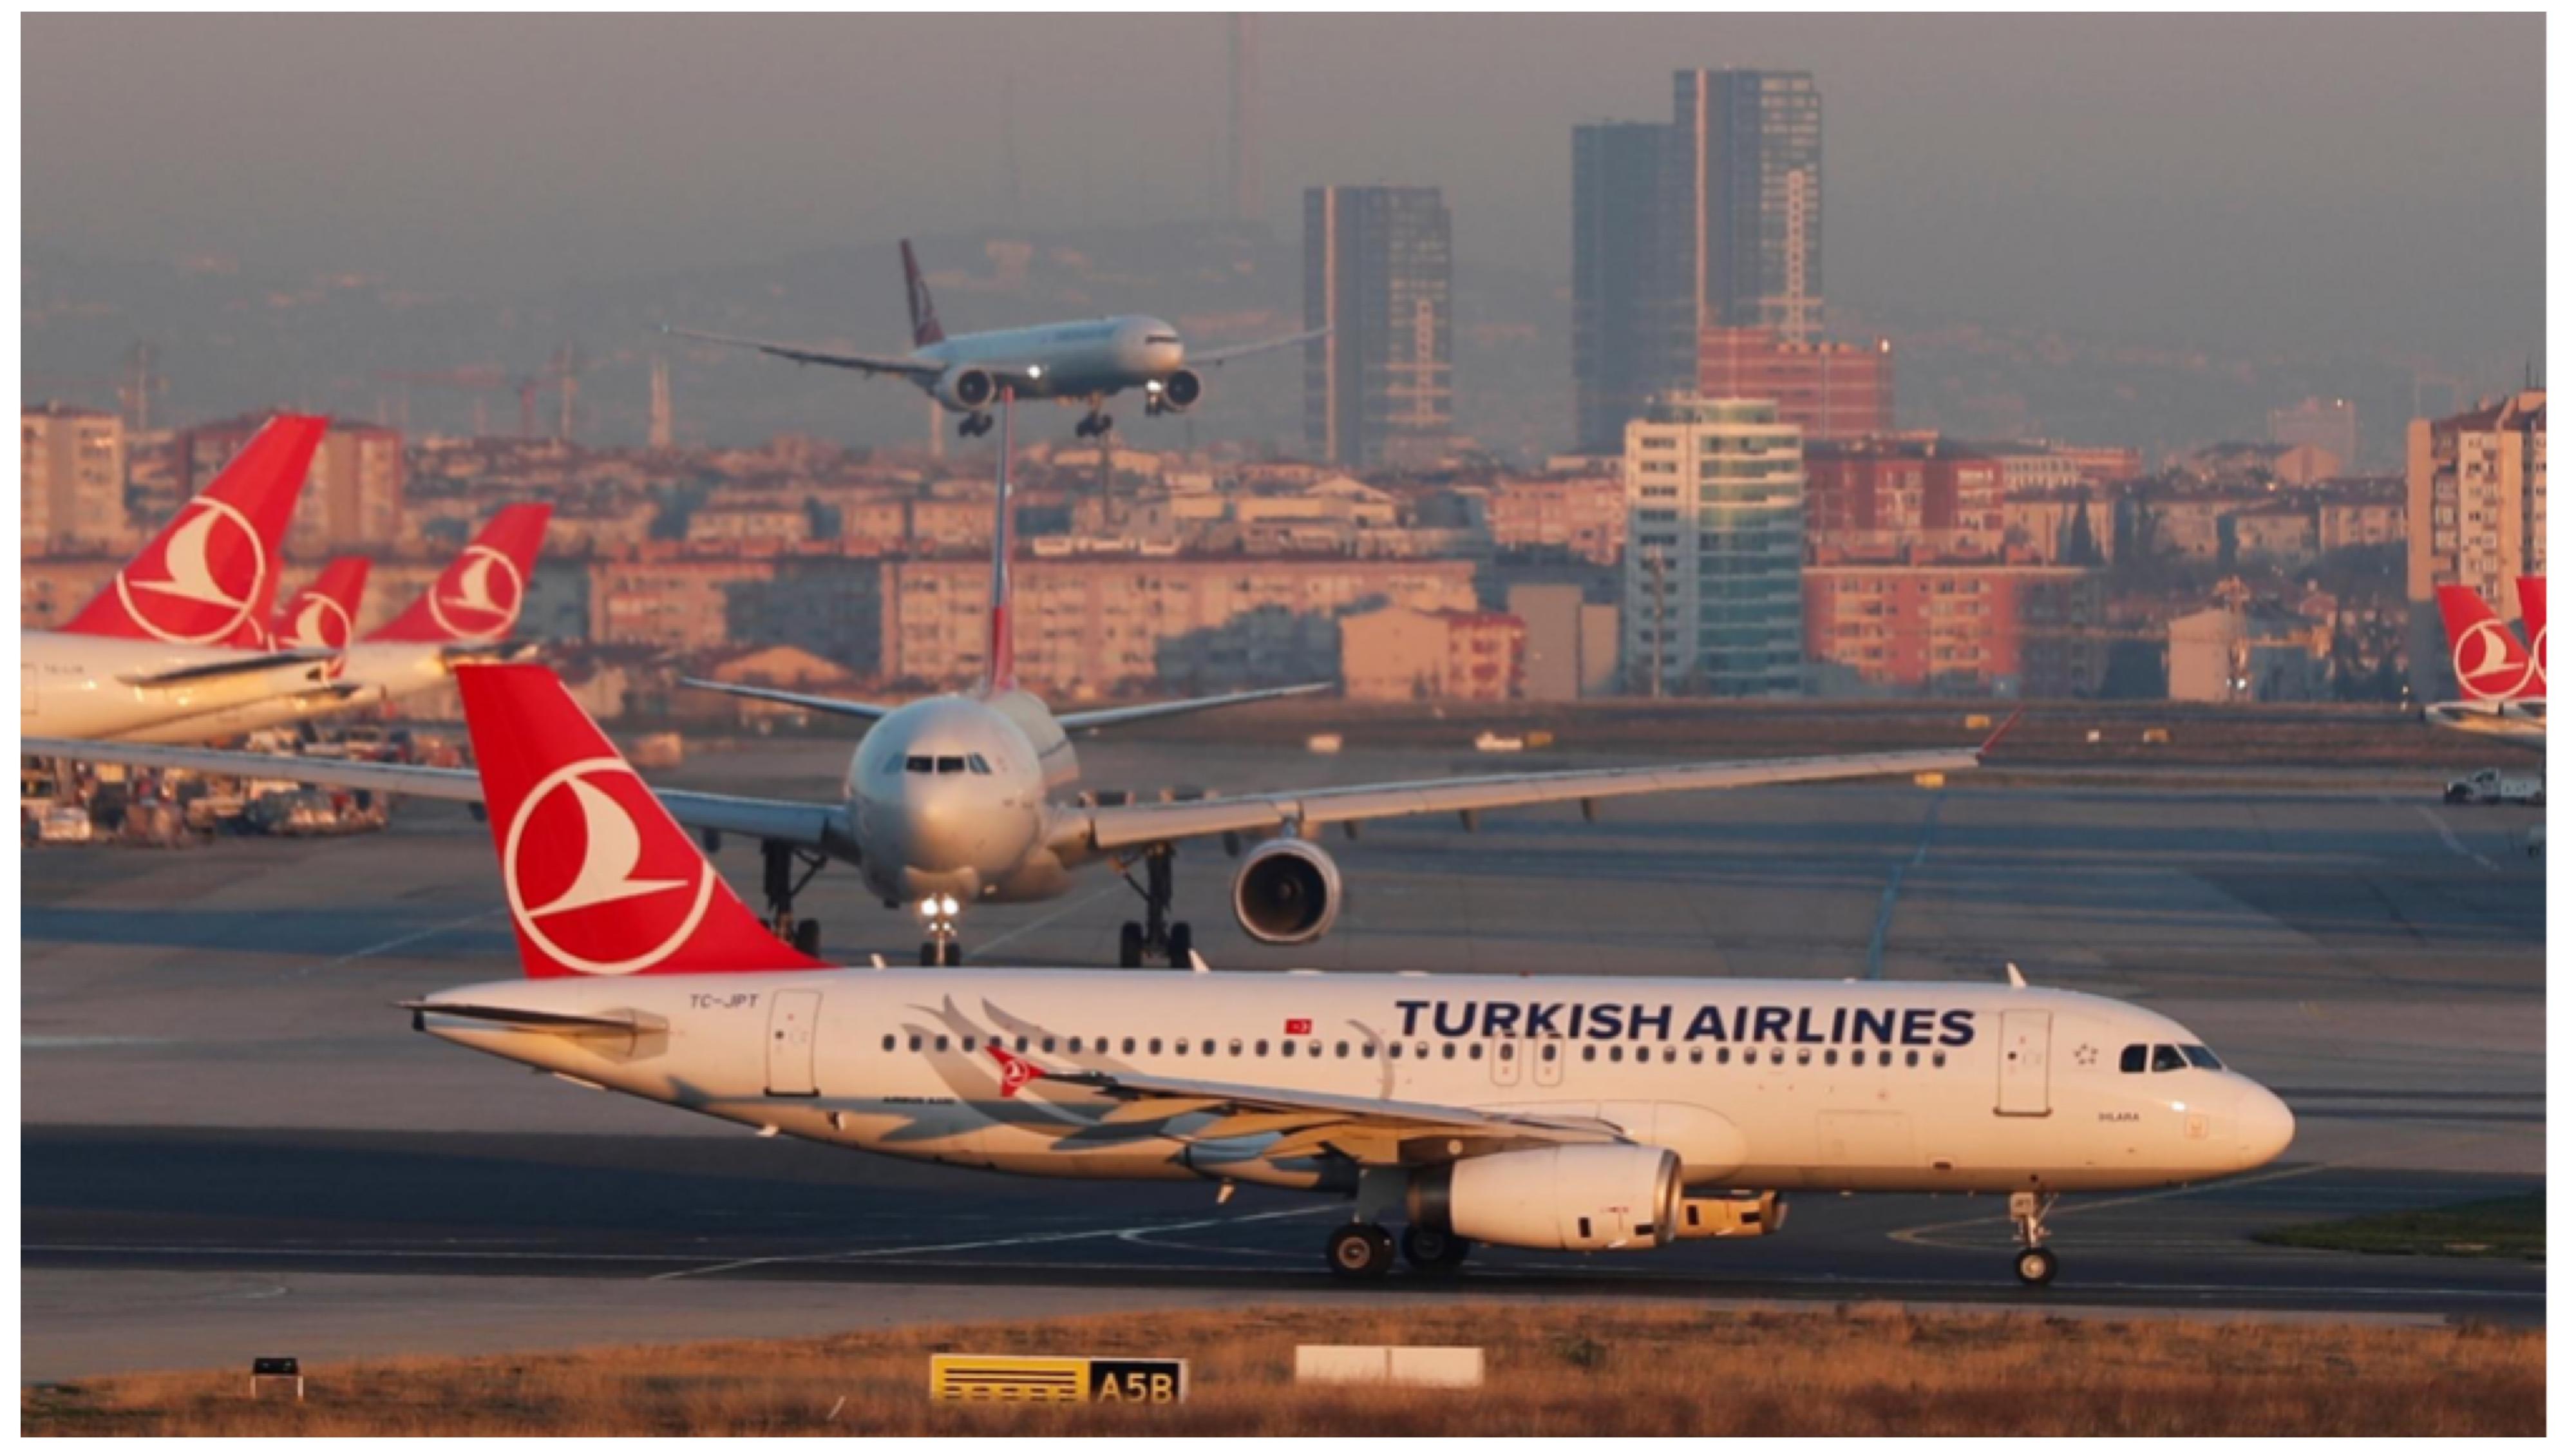 راهنمای سفر به استانبول با توجه به فرودگاه جدید